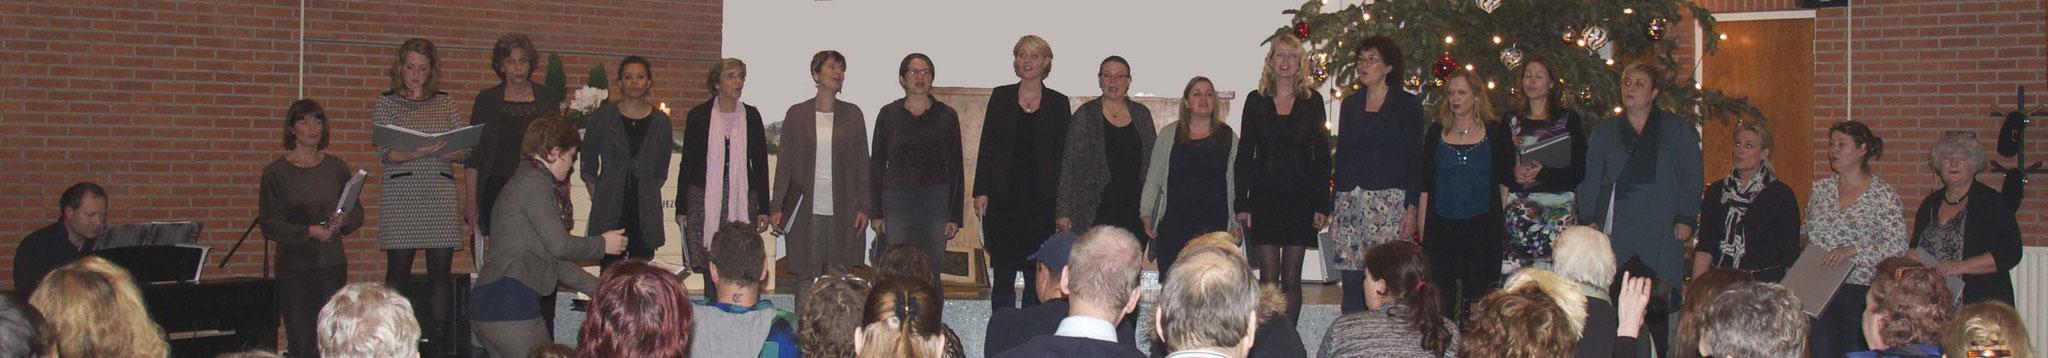 Kerstconcert cliënten Voedselbank, dec. 2015